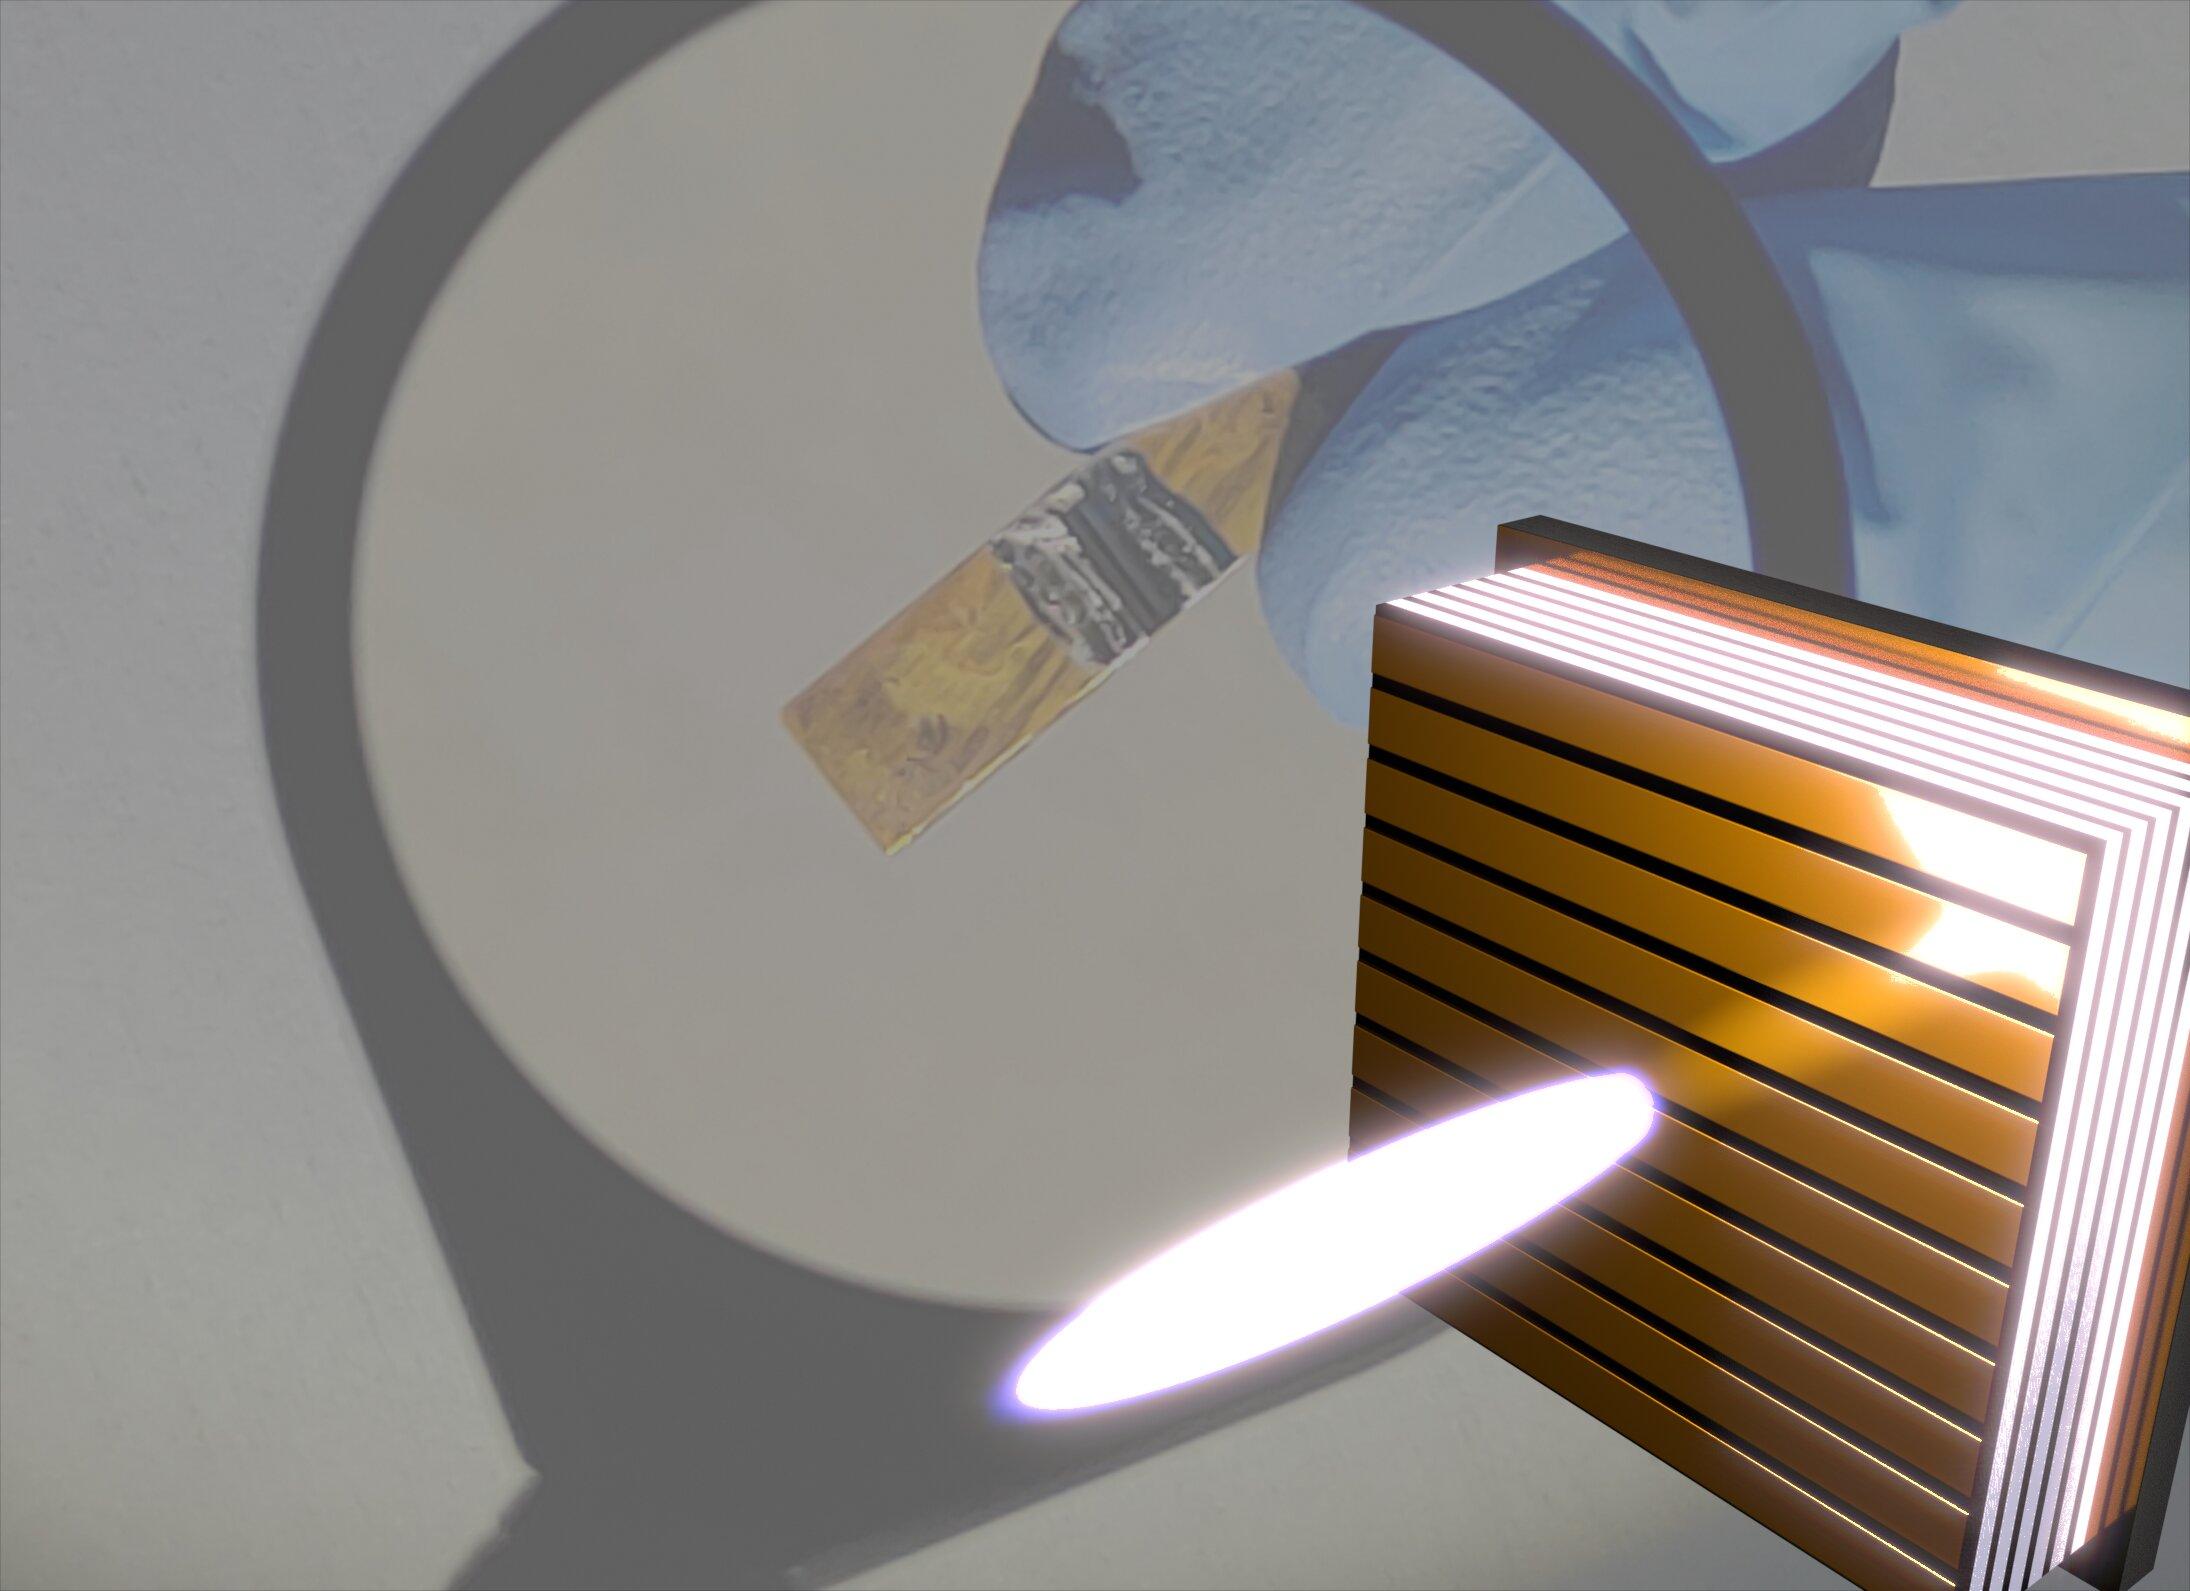 太赫兹光子学组件研究获重大突破有助造出廉价紧凑型量子级联激光器实现6G电信连接